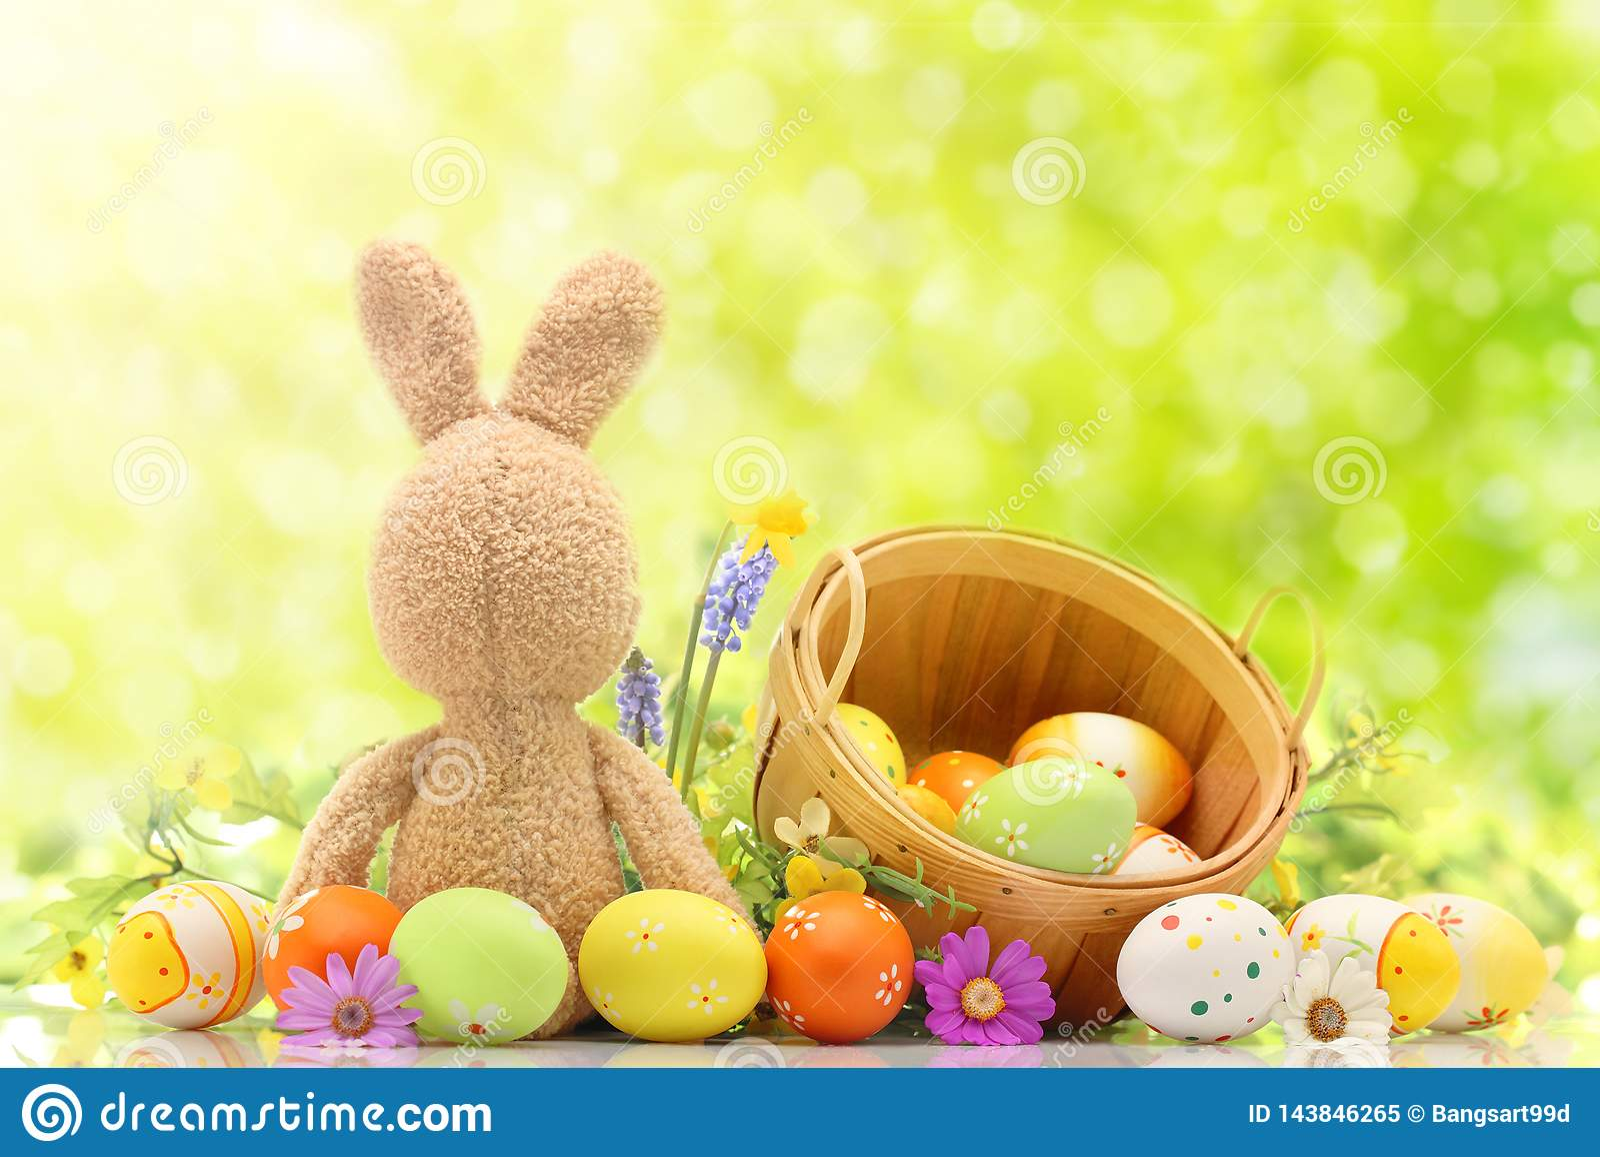 Χρωματισμένα αυγά Πάσχας με το κουνέλι και το καλάθι λαγουδάκι στη μέση του πράσινου υποβάθρου Ελεύθερου χώρου για το κείμενο